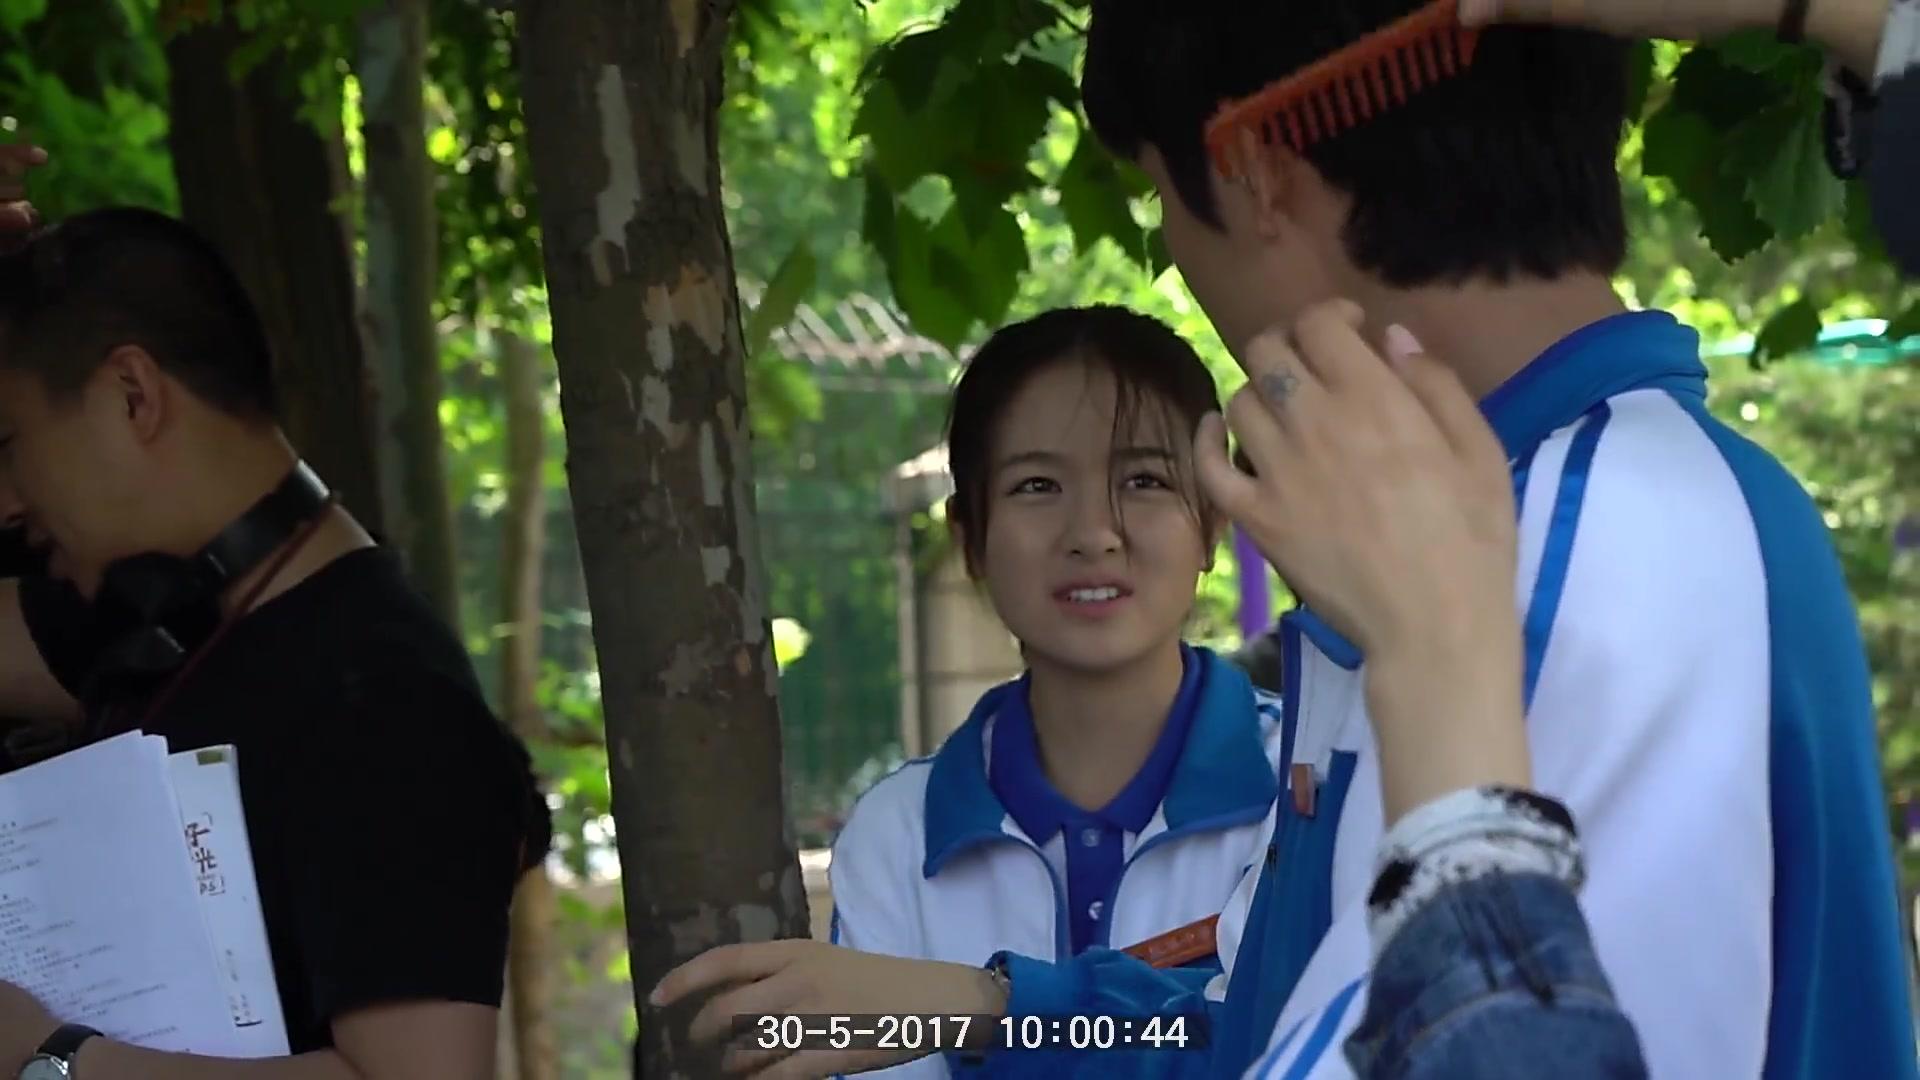 【你好旧时光】花絮:林杨夫妇画风秒转打手心,突如其来一嘴狗粮